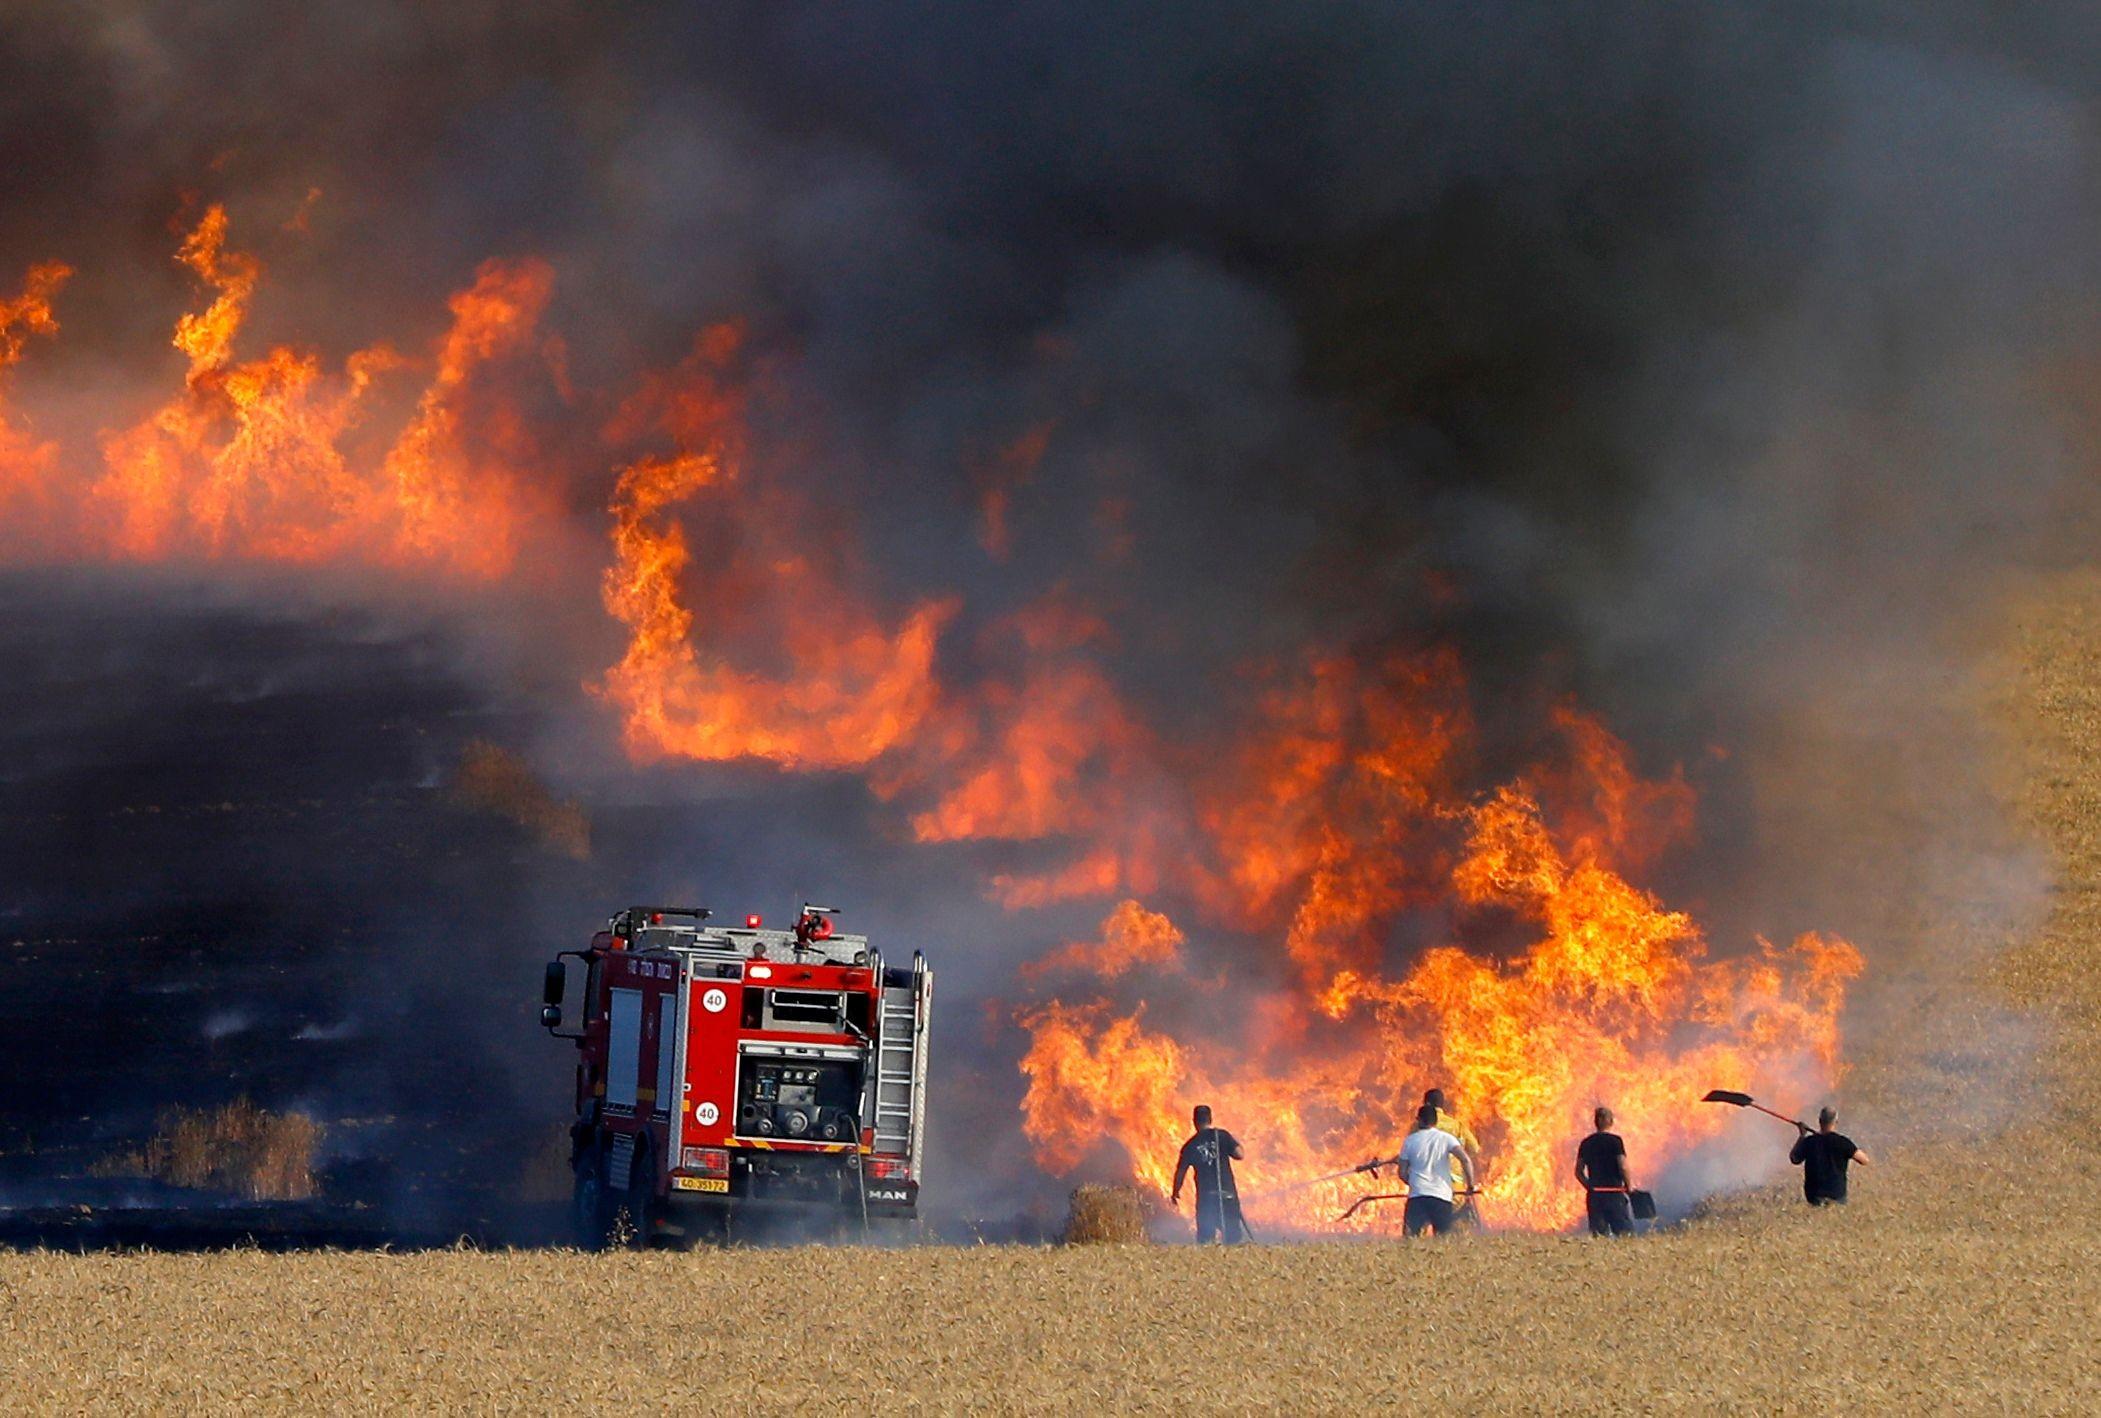 الإعلام العبري: إندلاع 6 حرائق في غلاف غزة بفعل البالونات الحارقة